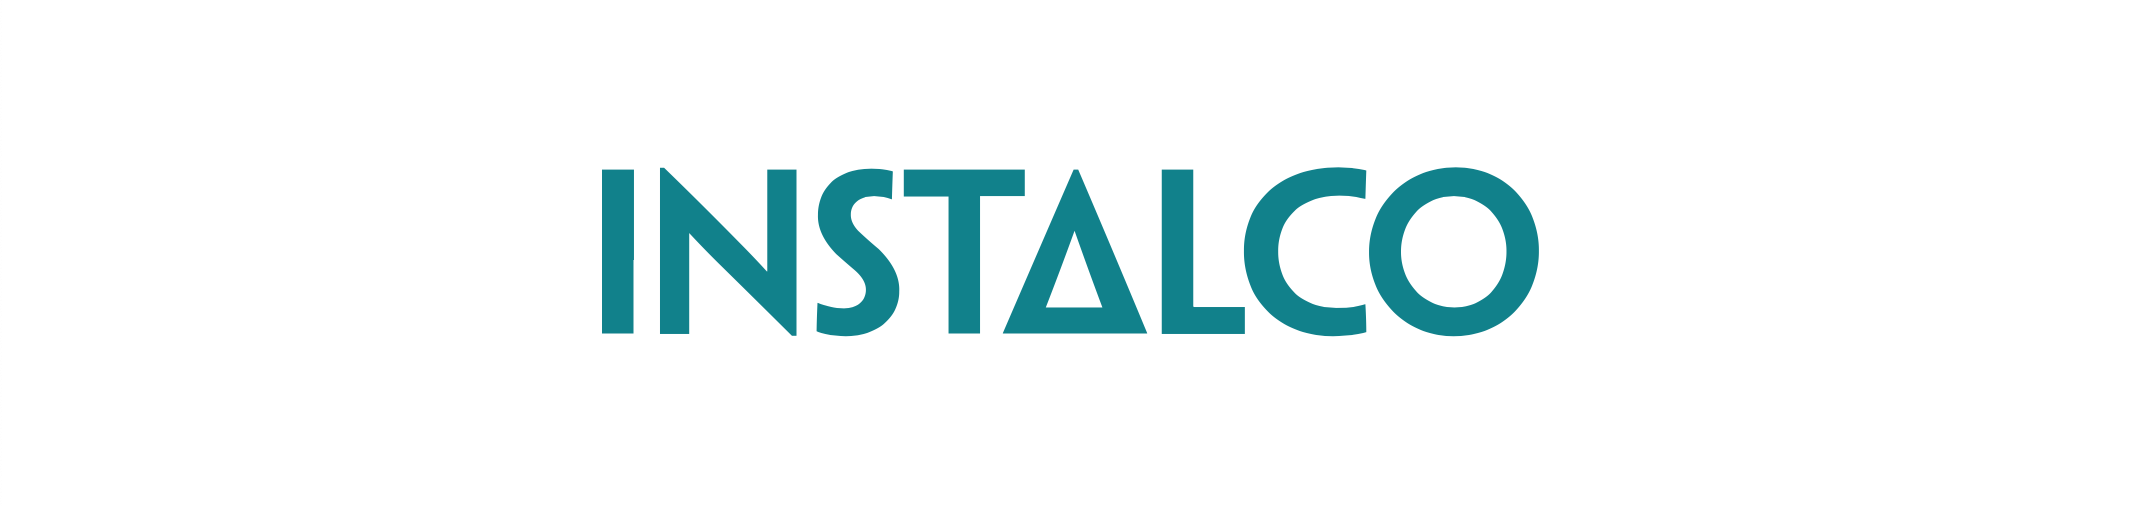 Instalco - a success story